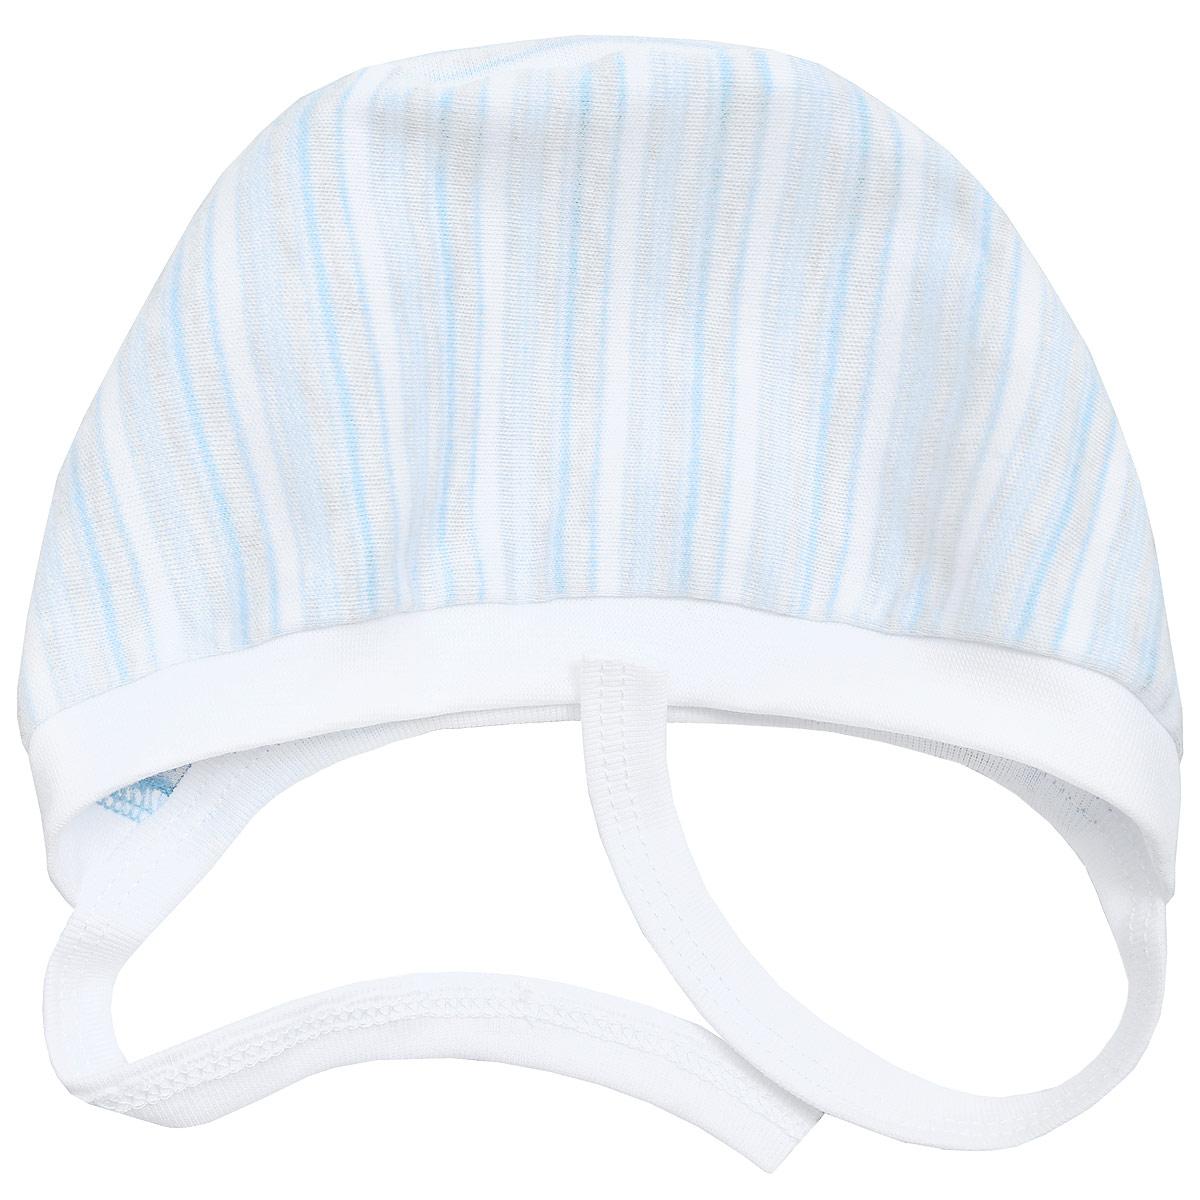 Чепчик Фреш Стайл, цвет: голубой в полоску. 39-123. Размер 44, 0-3 года